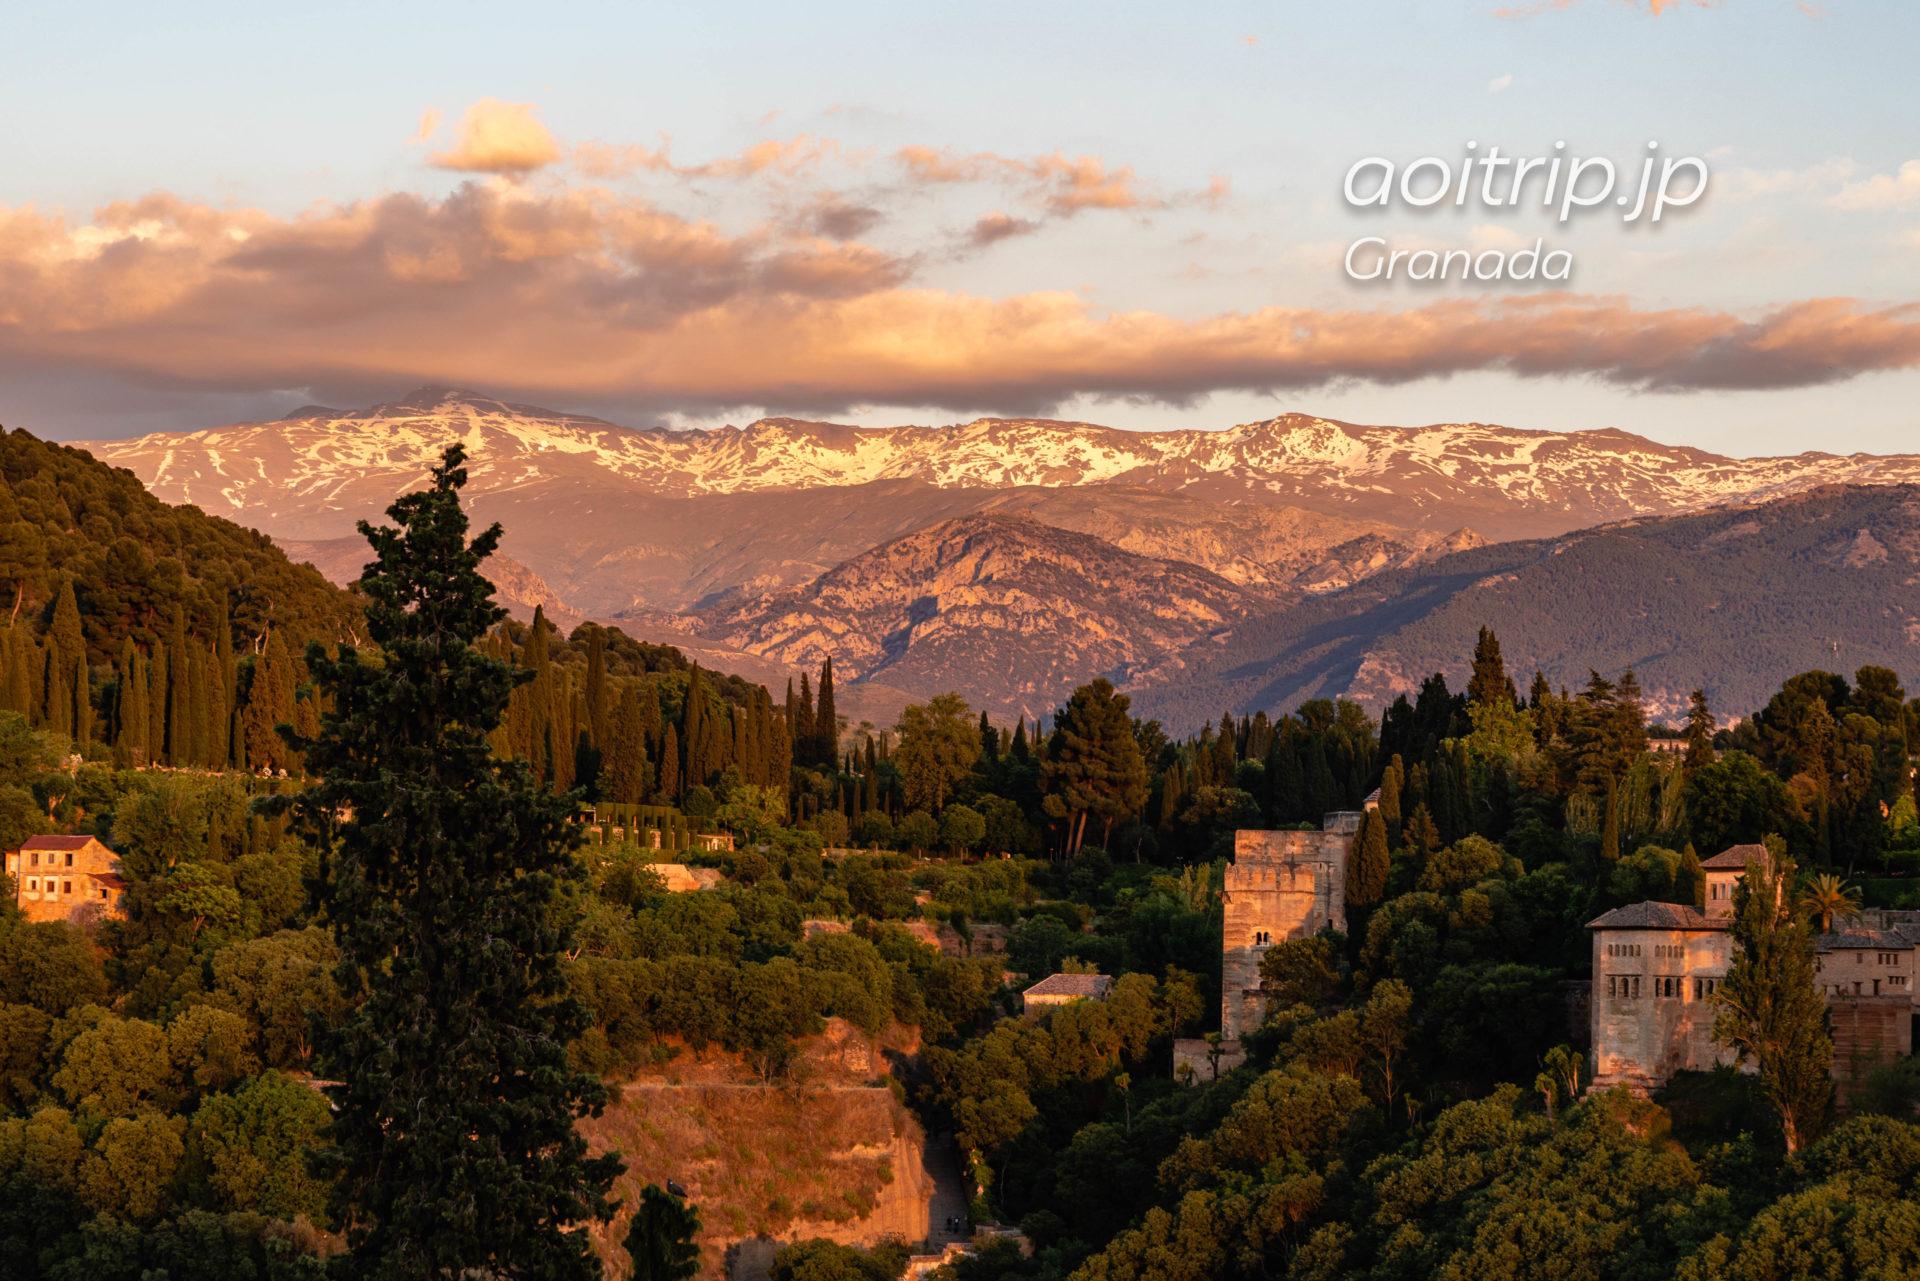 サンニコラス広場展望台から望むシエラネバダ山脈